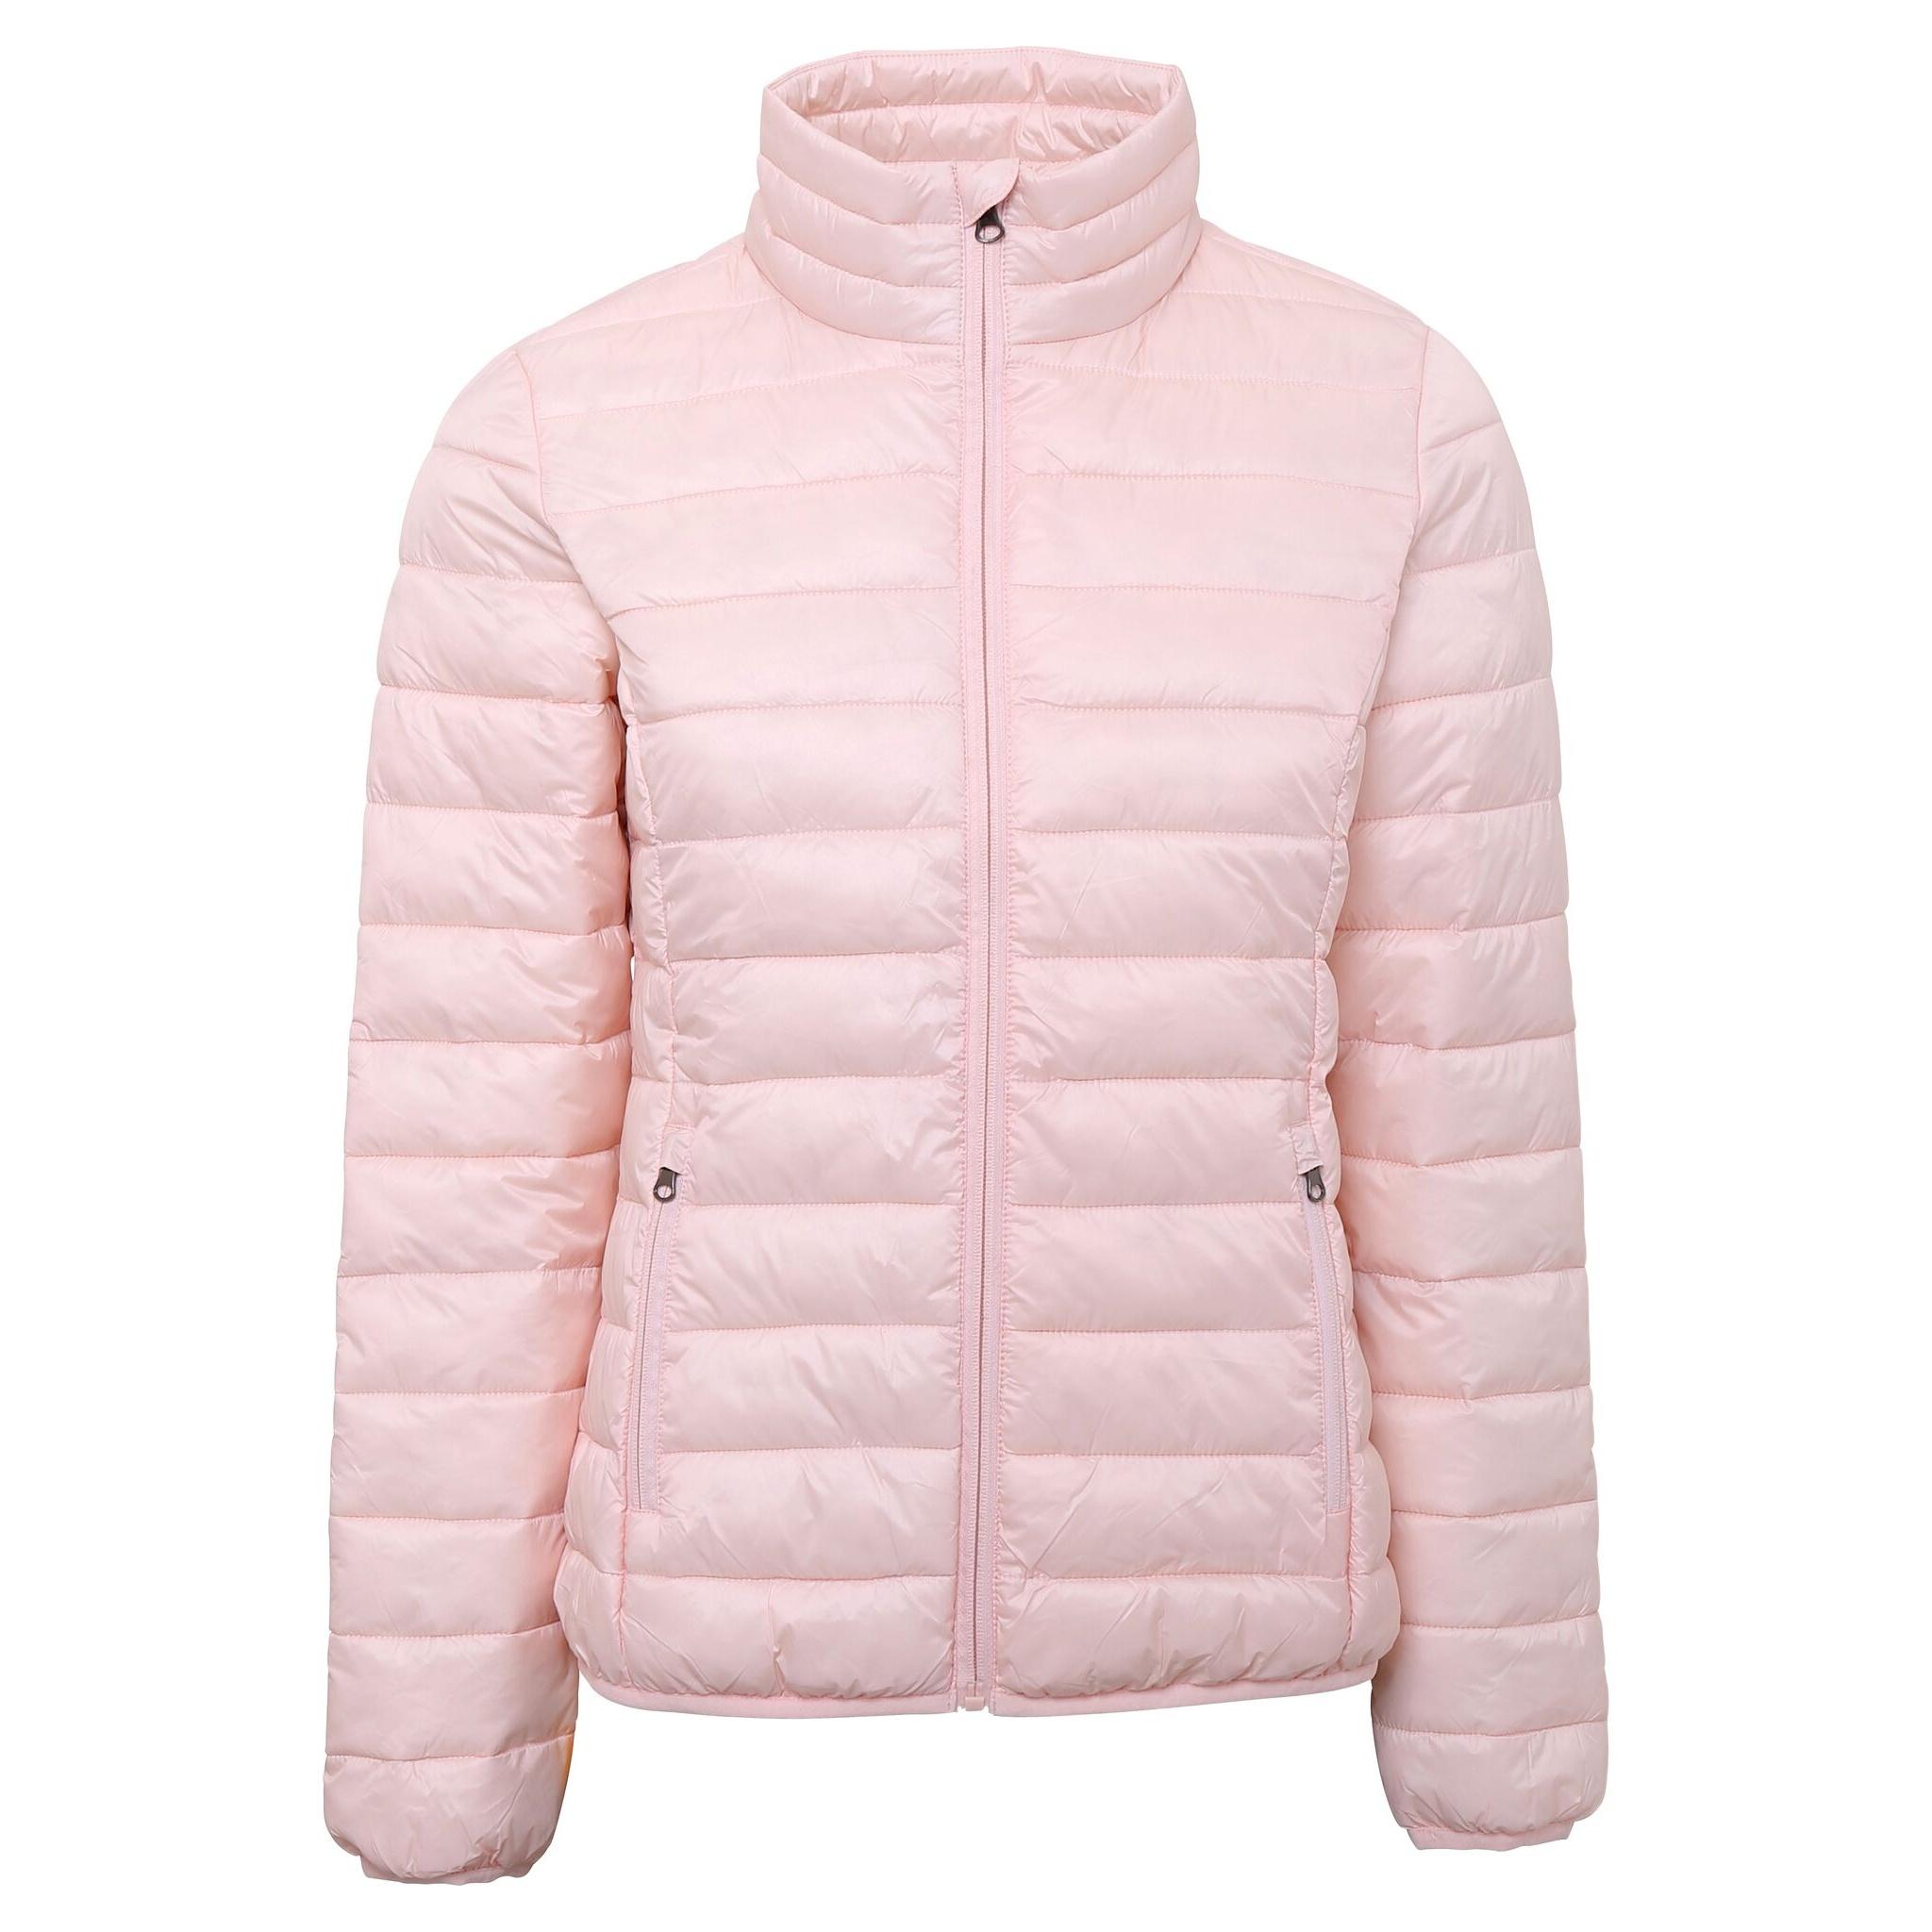 2786 Womens/Ladies Terrain Long Sleeves Padded Jacket (XL) (Navy)